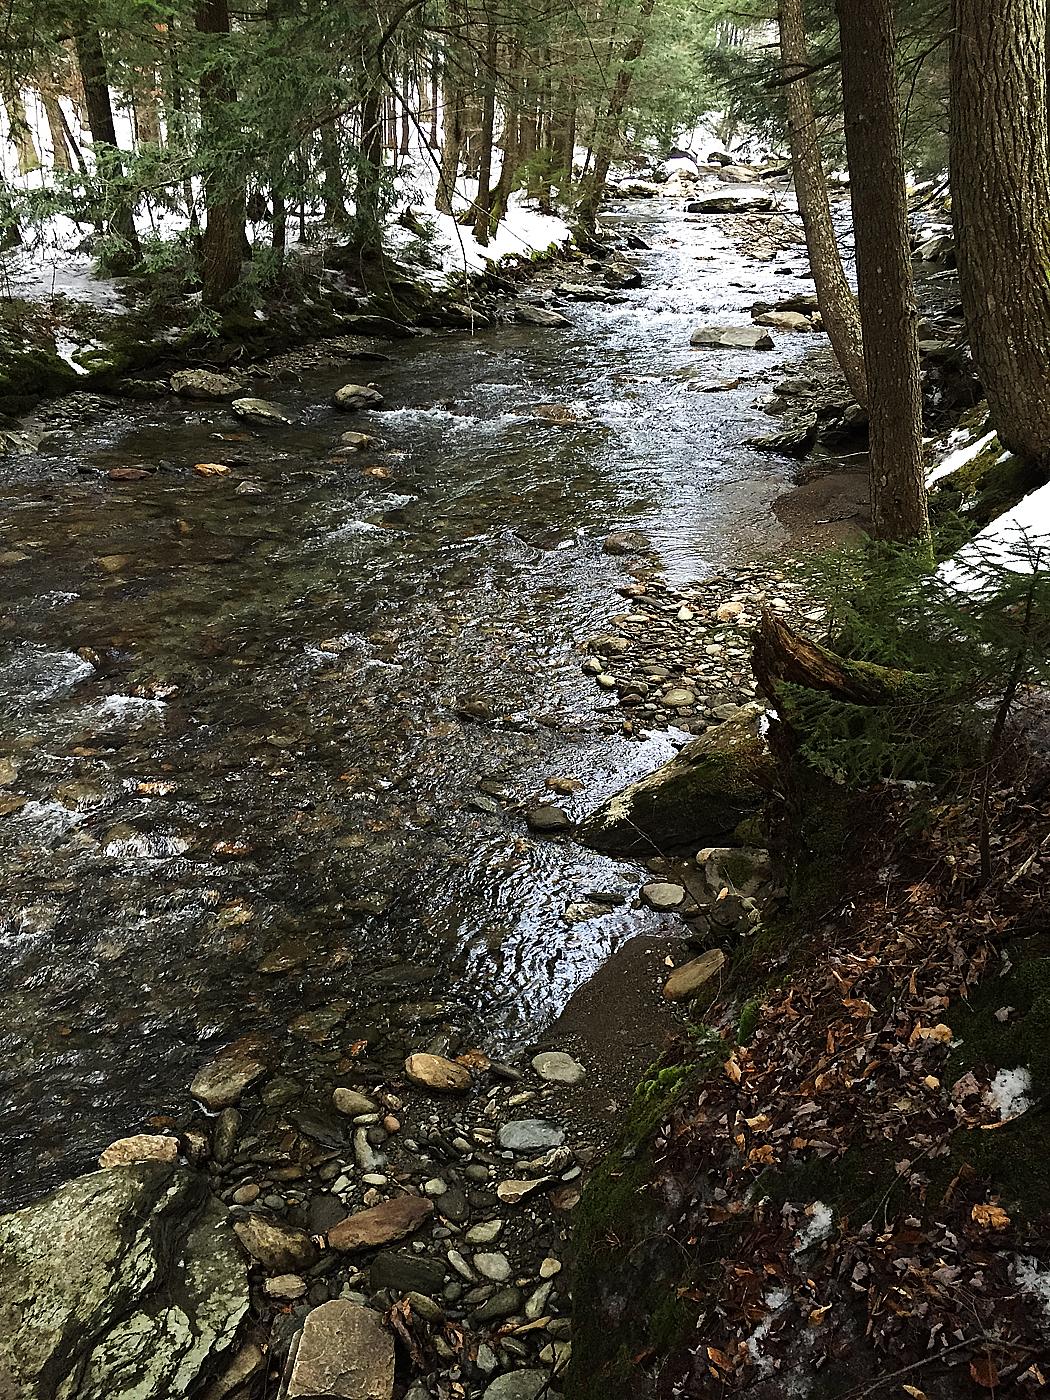 En bäck rinner utmed en vandringsled i skogen nära Stowe.